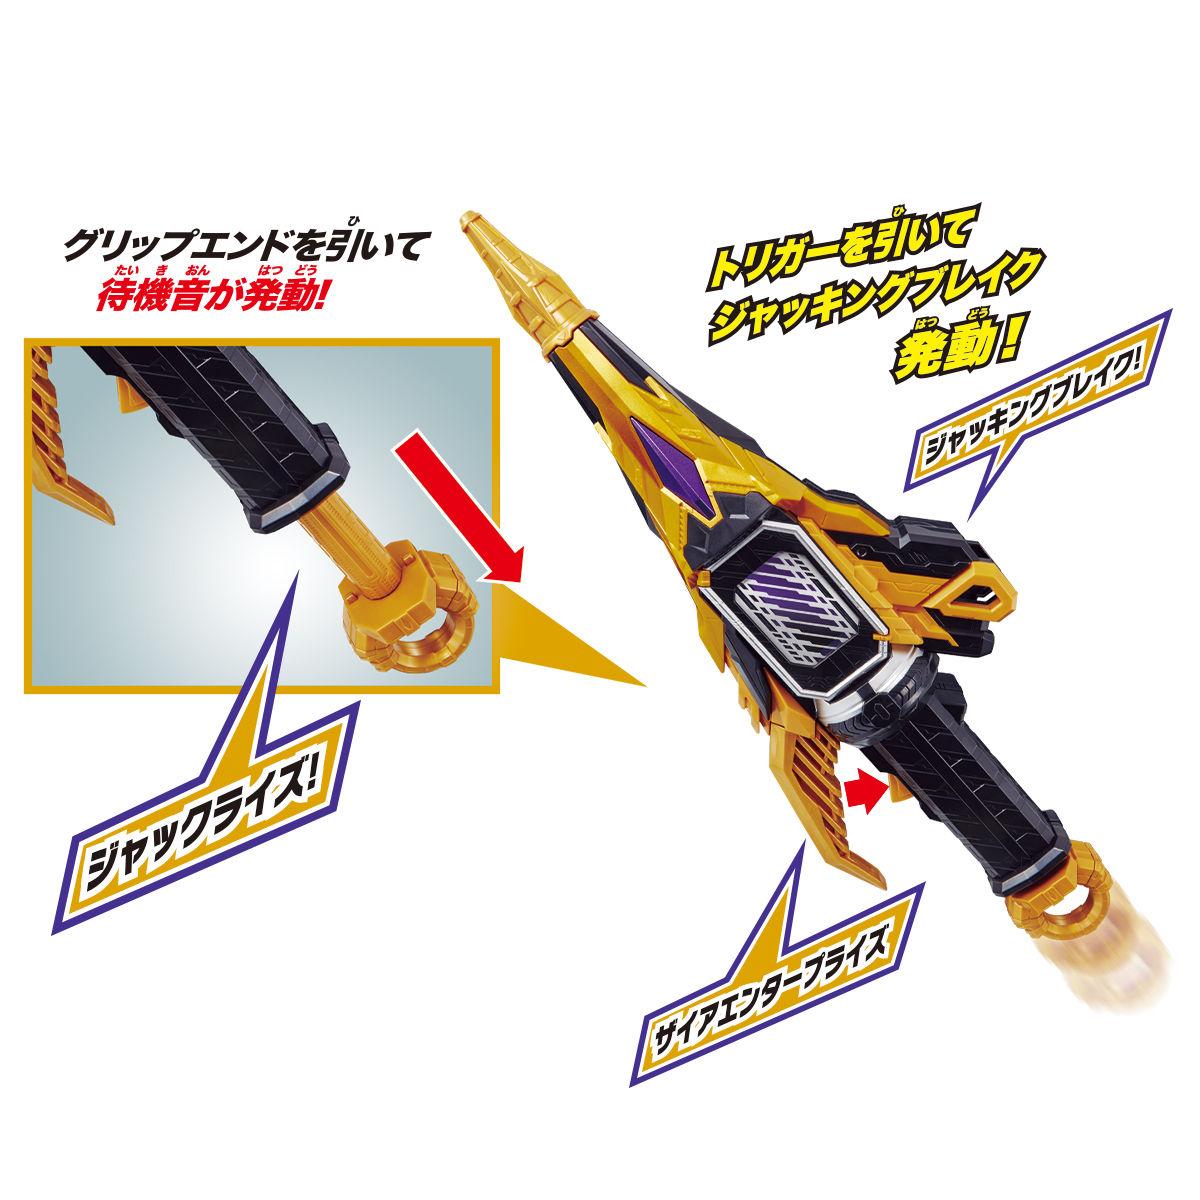 仮面ライダーゼロワン『DXサウザンドジャッカー』変身なりきり-002